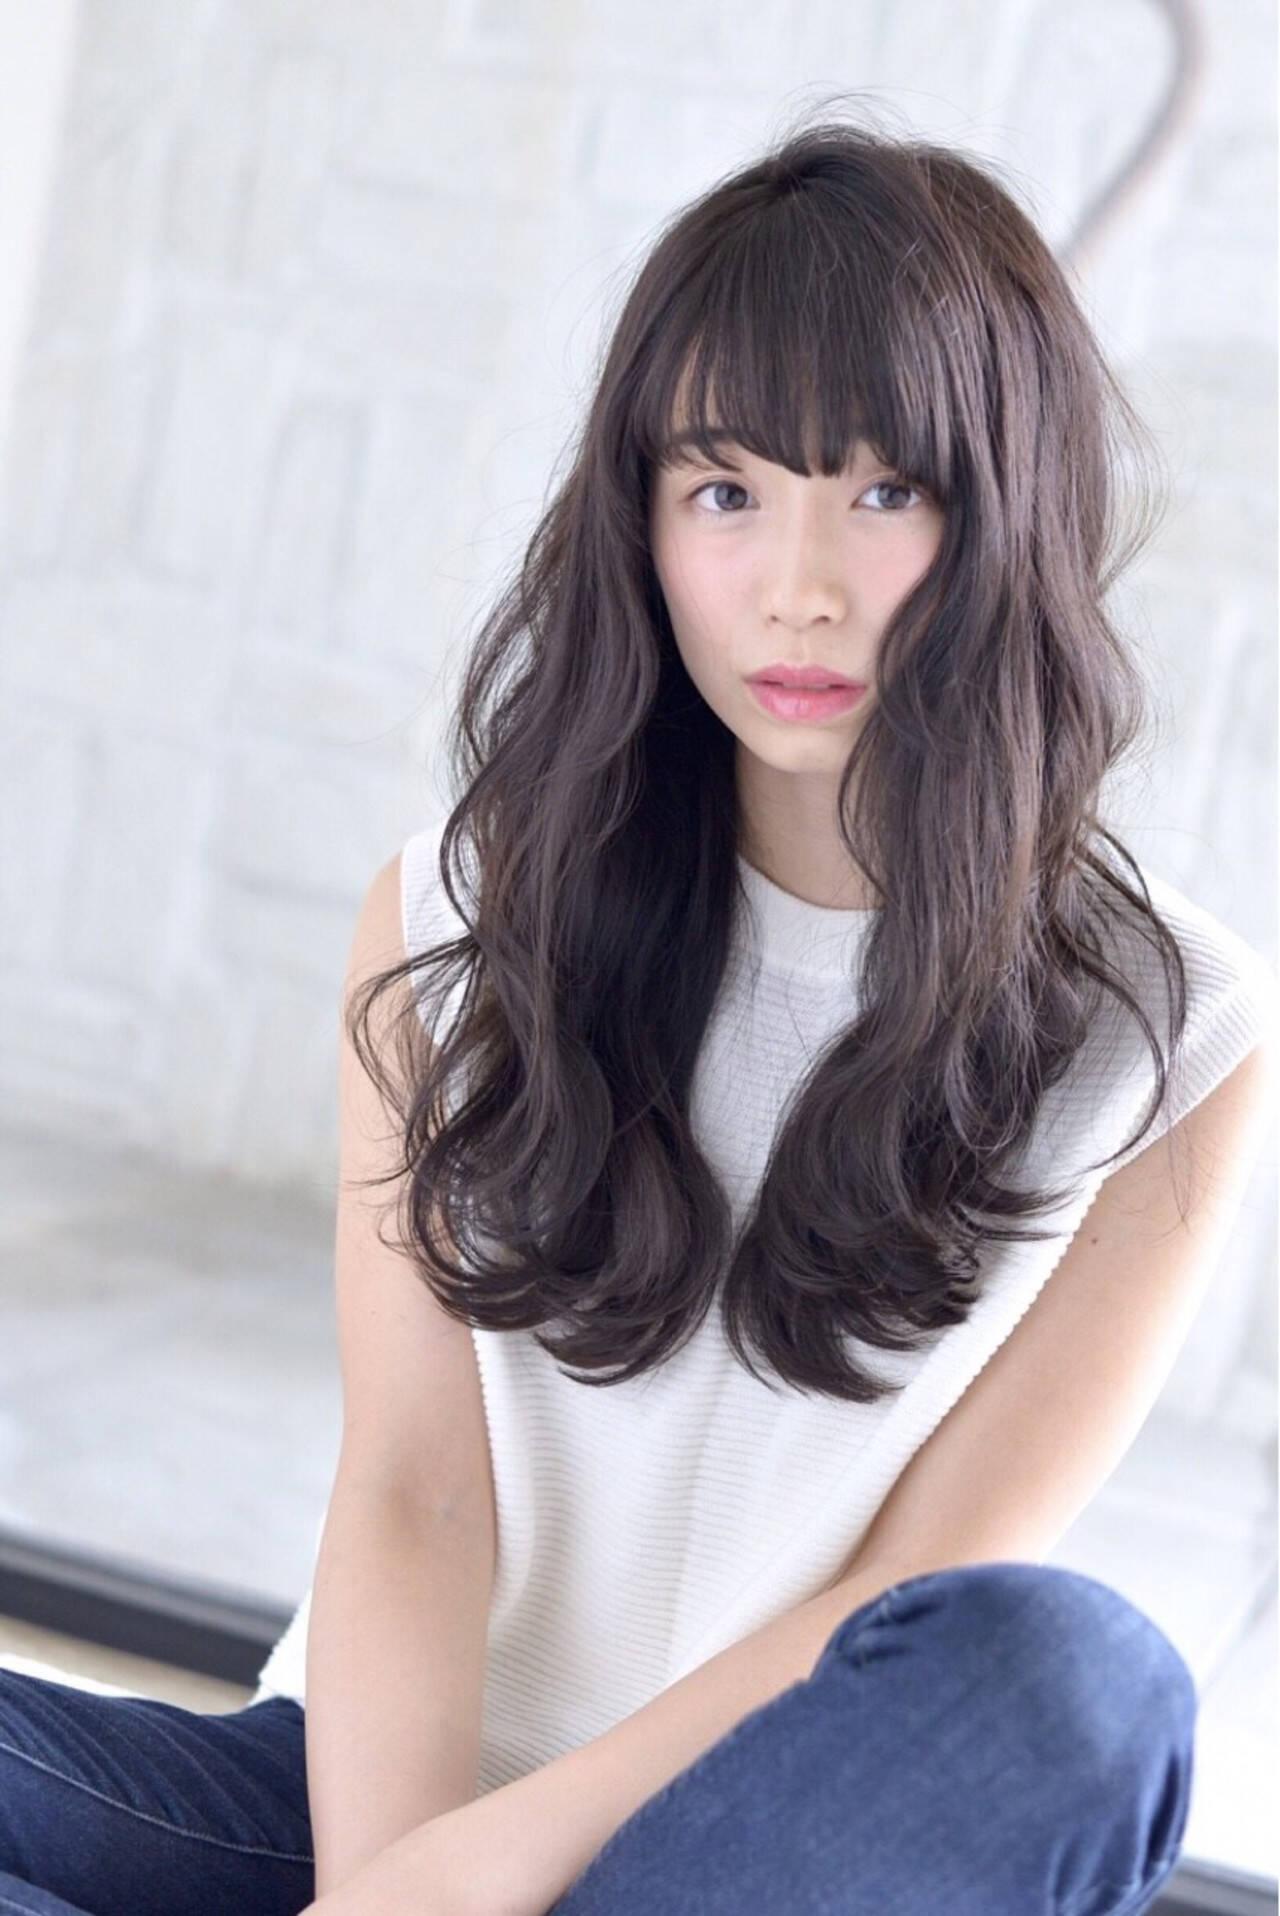 ダークアッシュ 清楚 ロング 大人女子ヘアスタイルや髪型の写真・画像